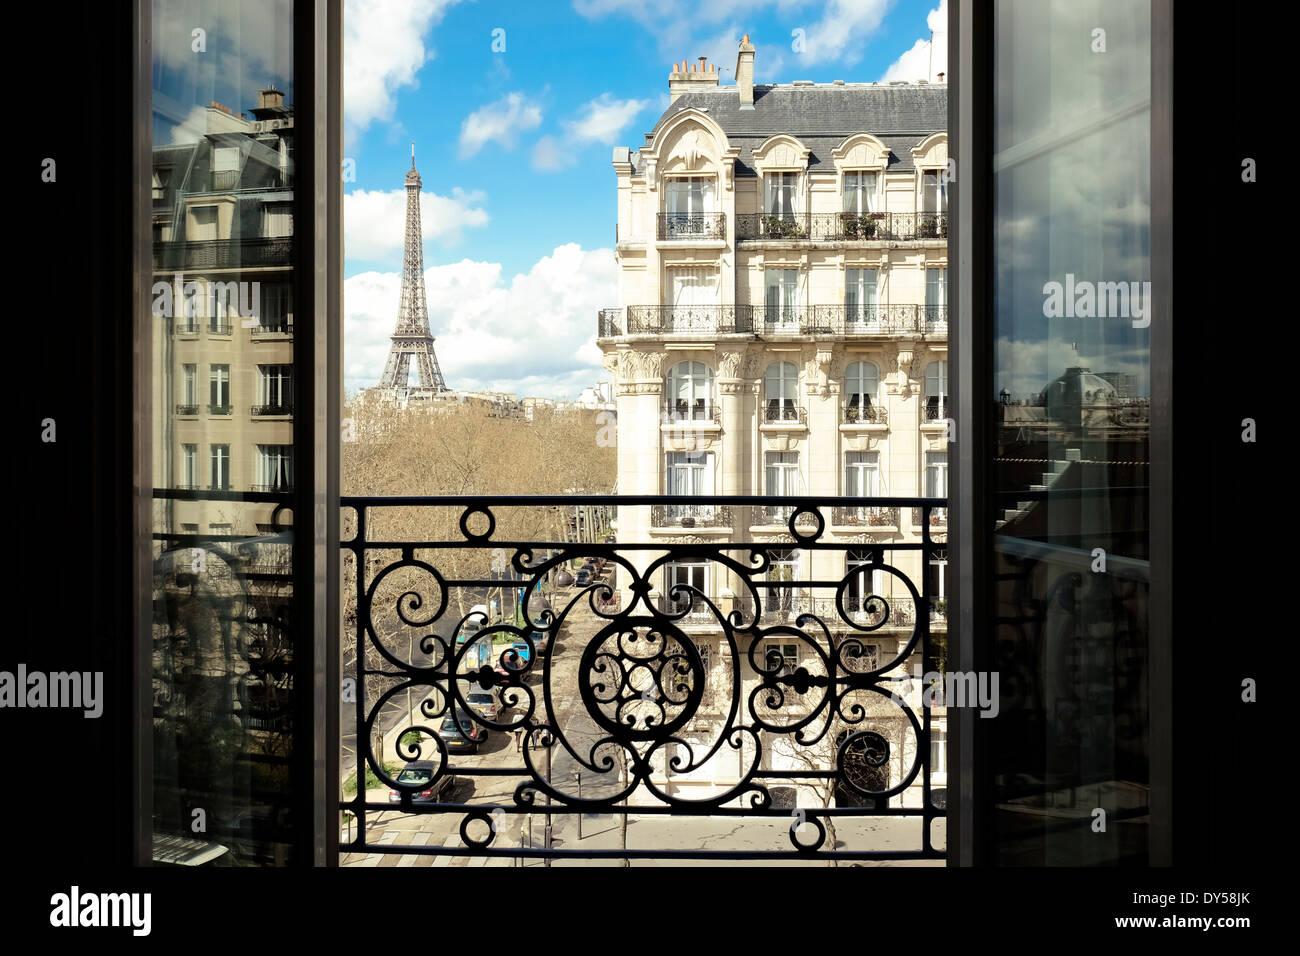 La Torre Eiffel, en París, Francia, vistos a través de una ventana abierta. Imagen De Stock